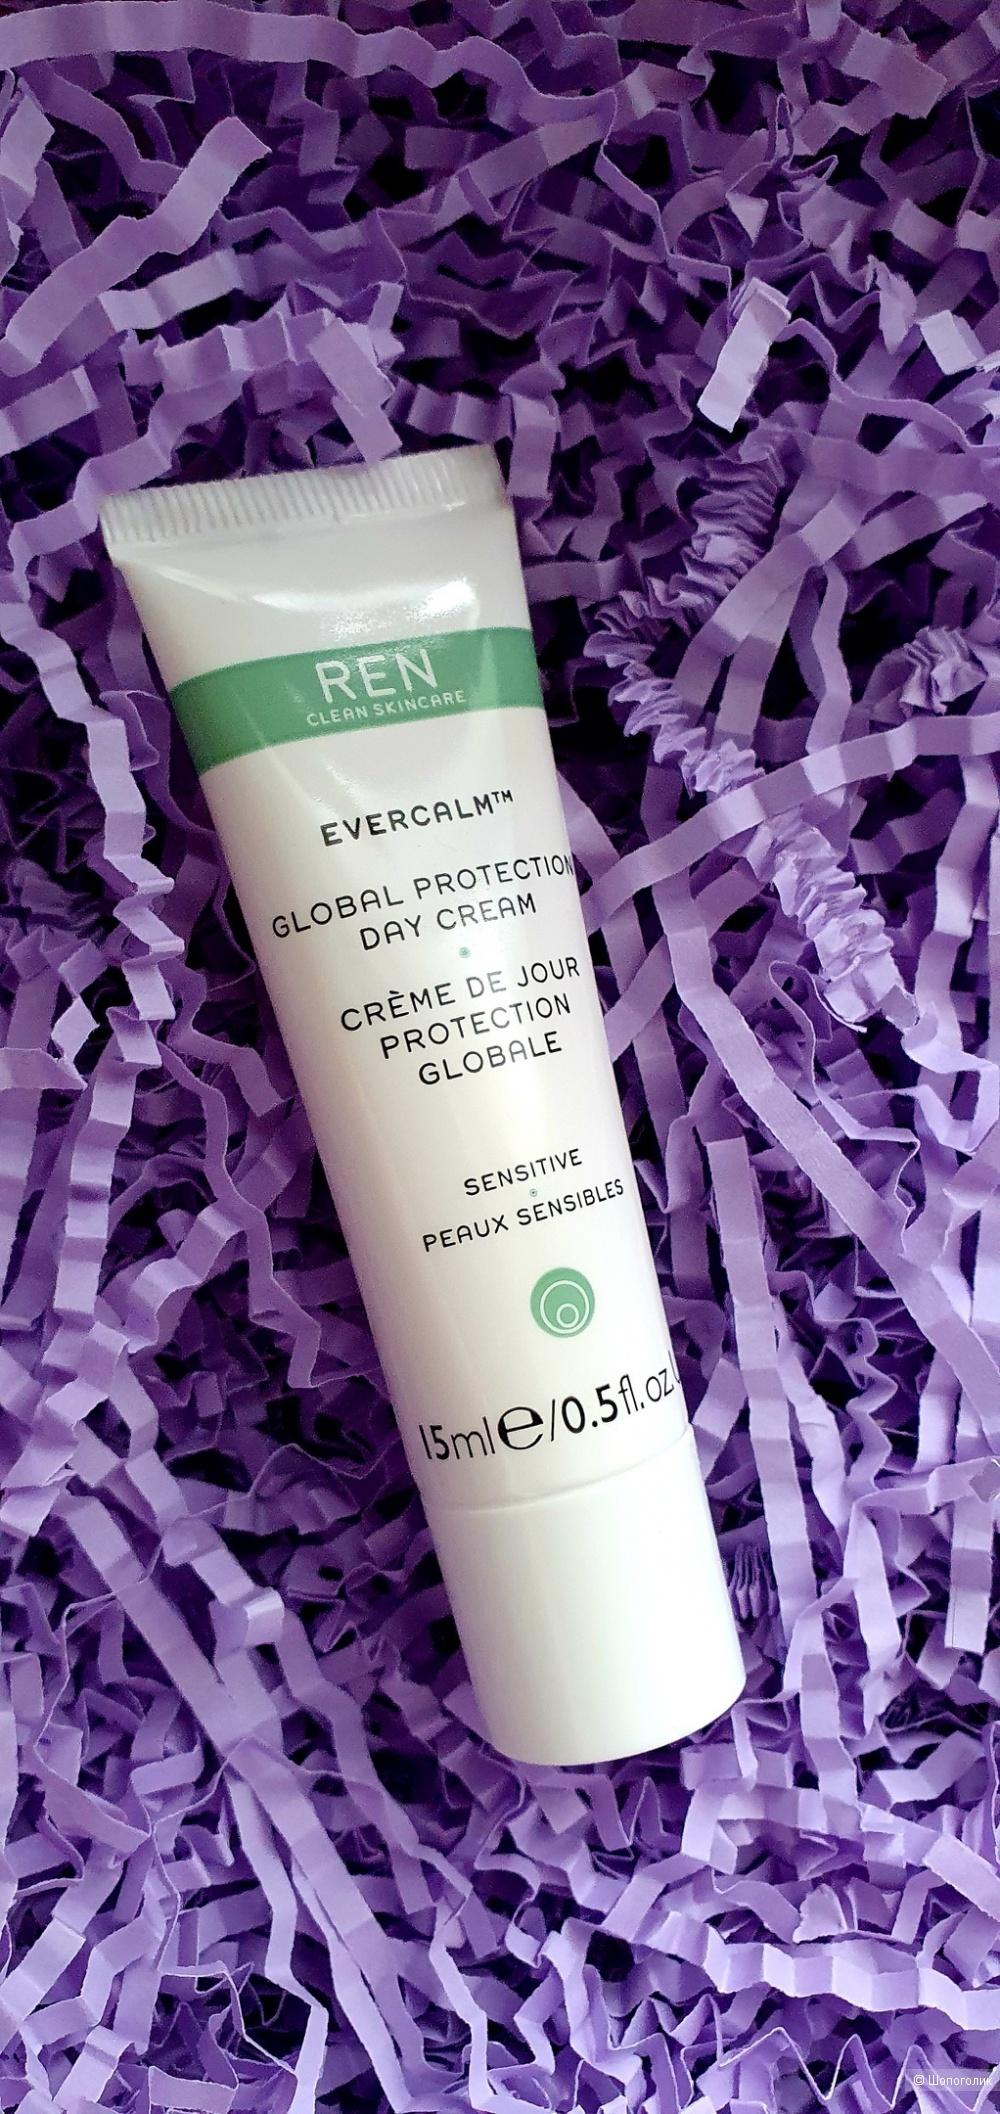 Дневной защитный крем REN Evercalm Global Protection